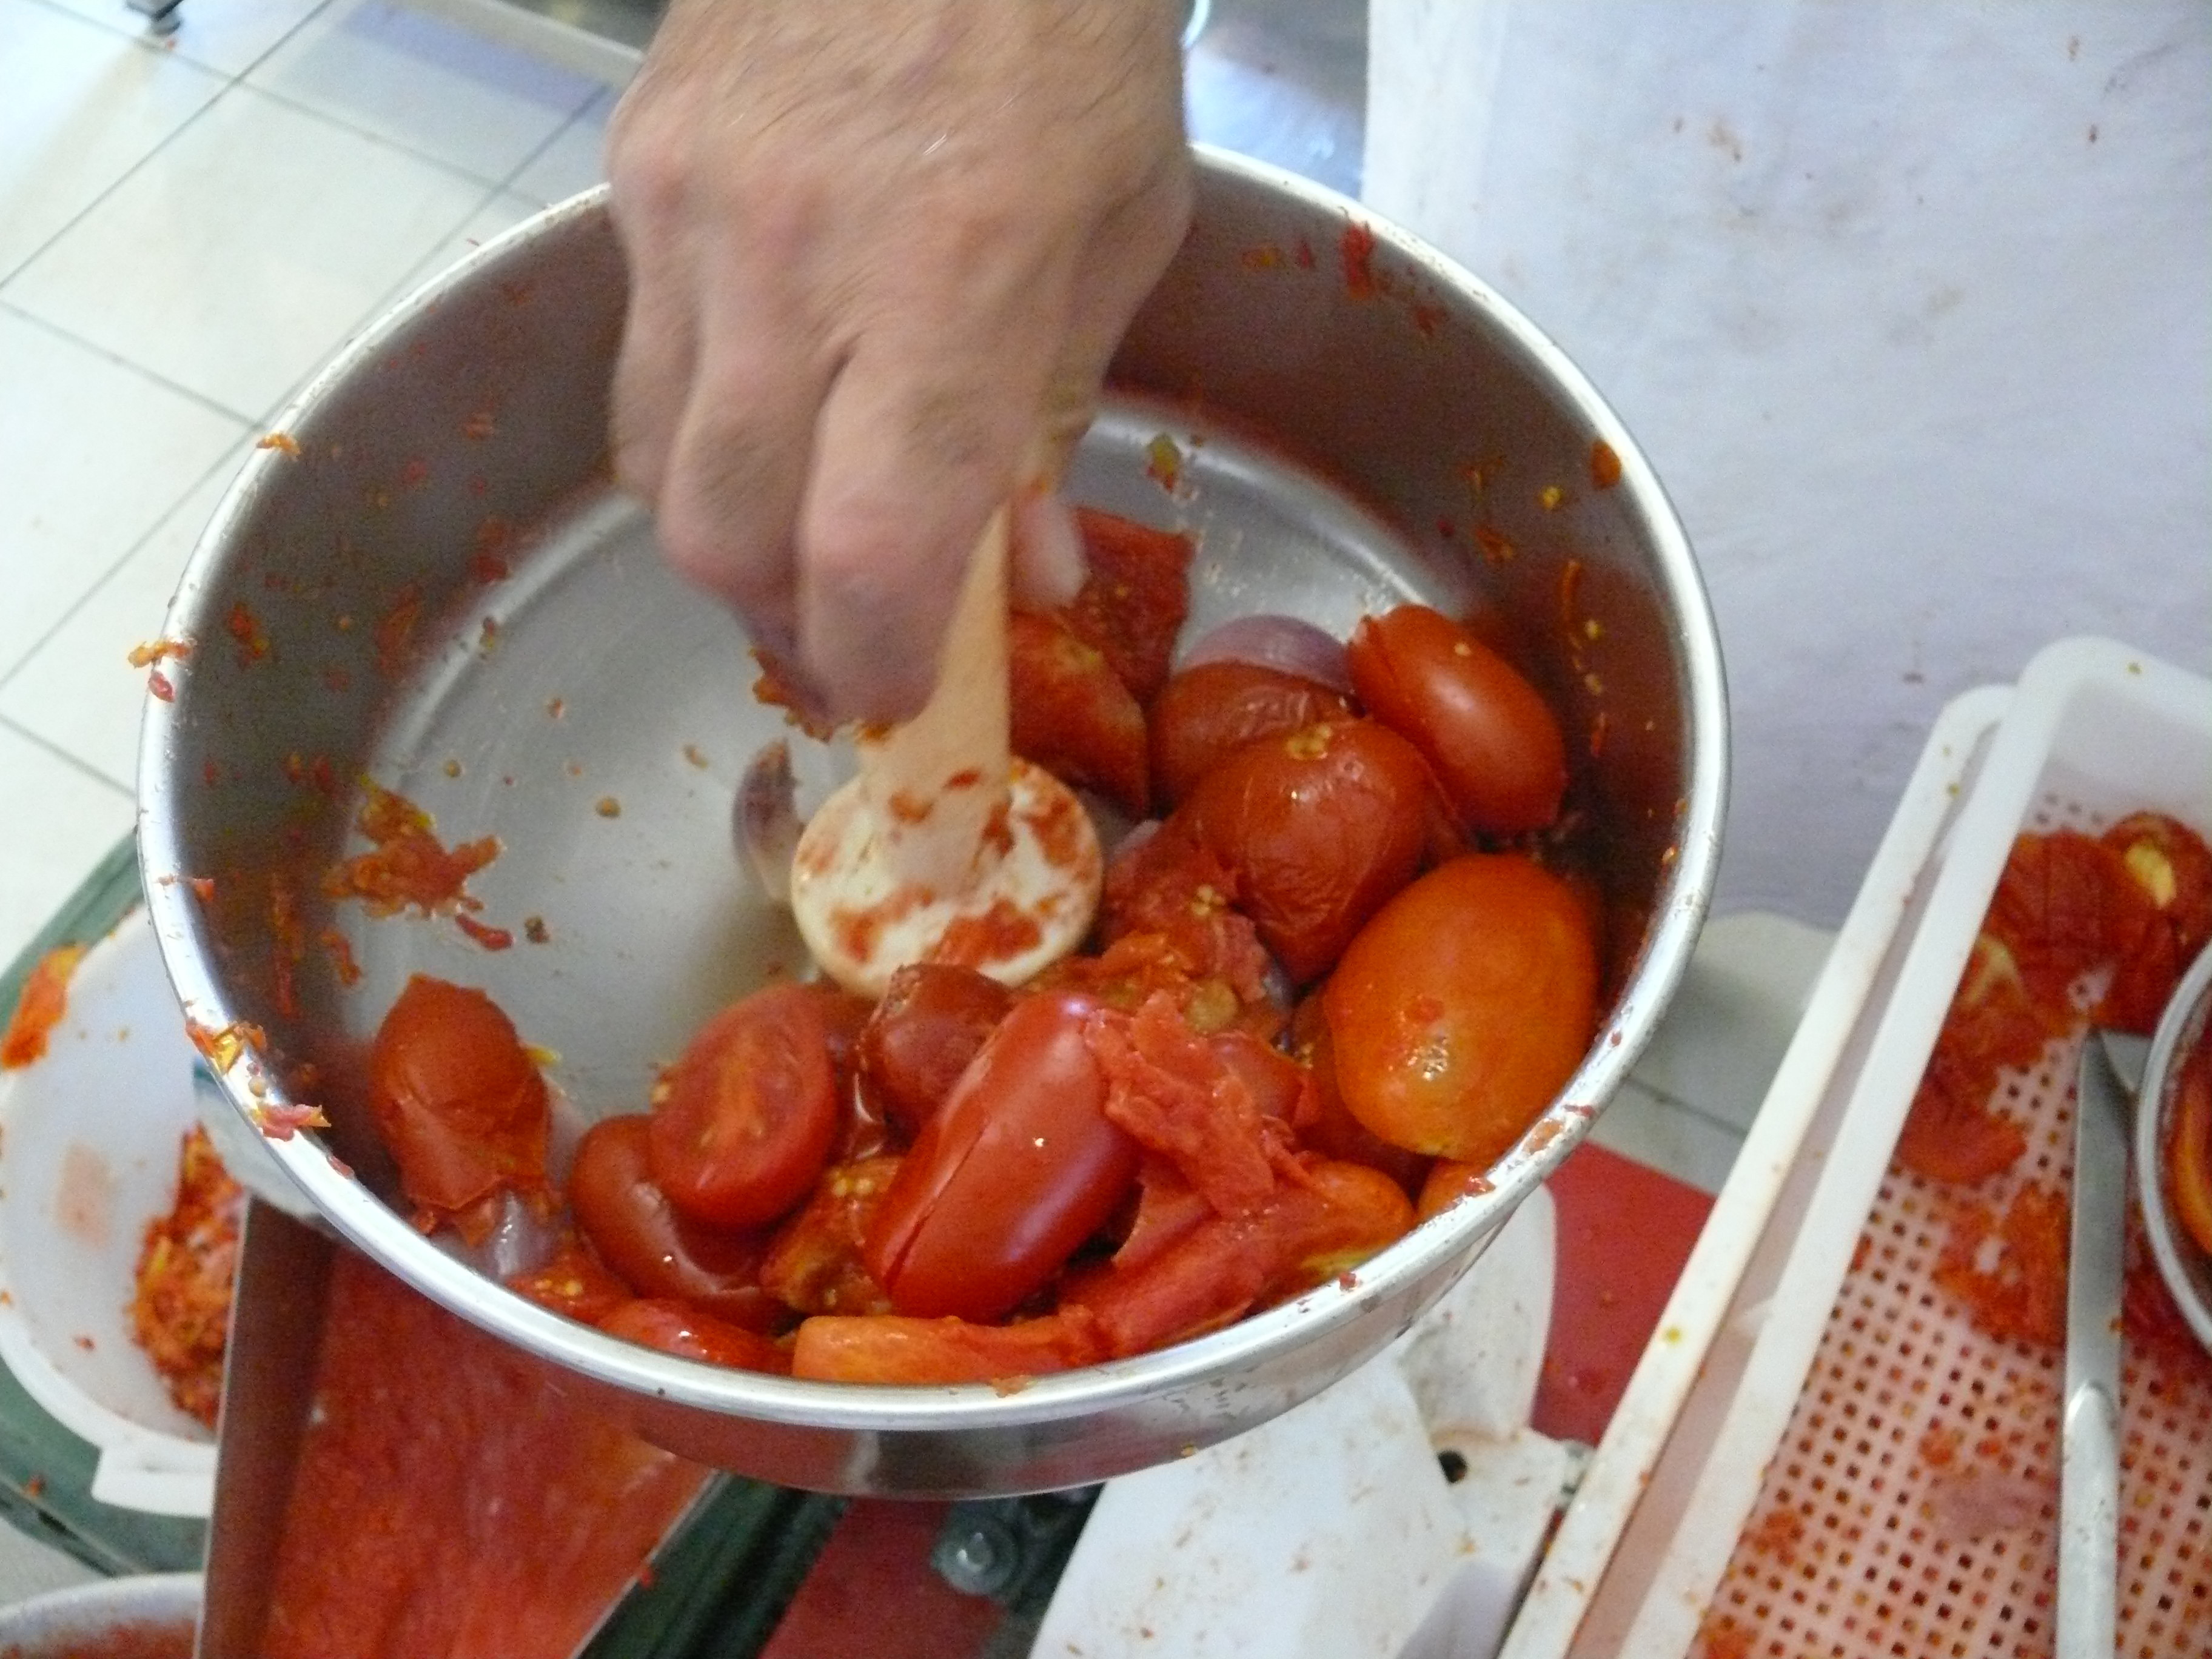 Lavorazione dei pomodori